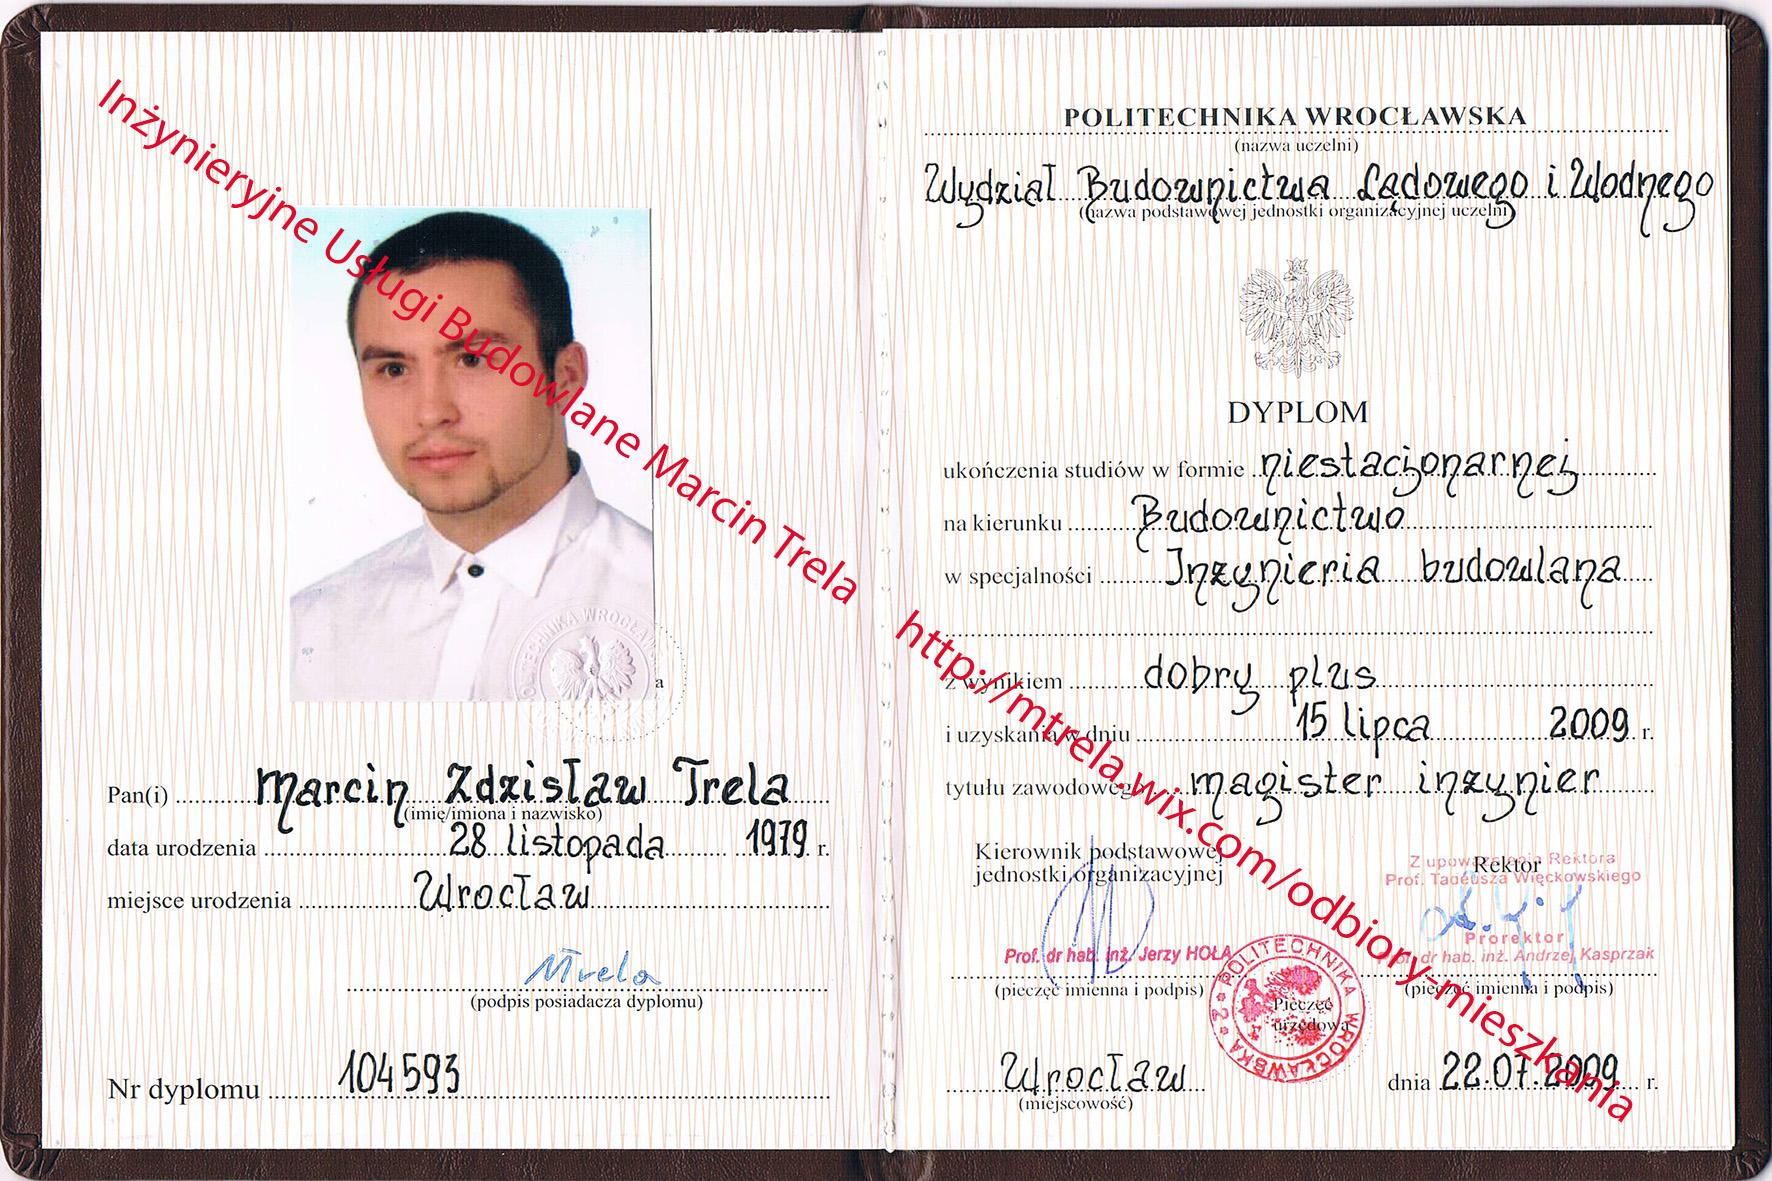 Dyplom_Bud_mgr_inz_mtrela_odbiór_mieszkań.jpg